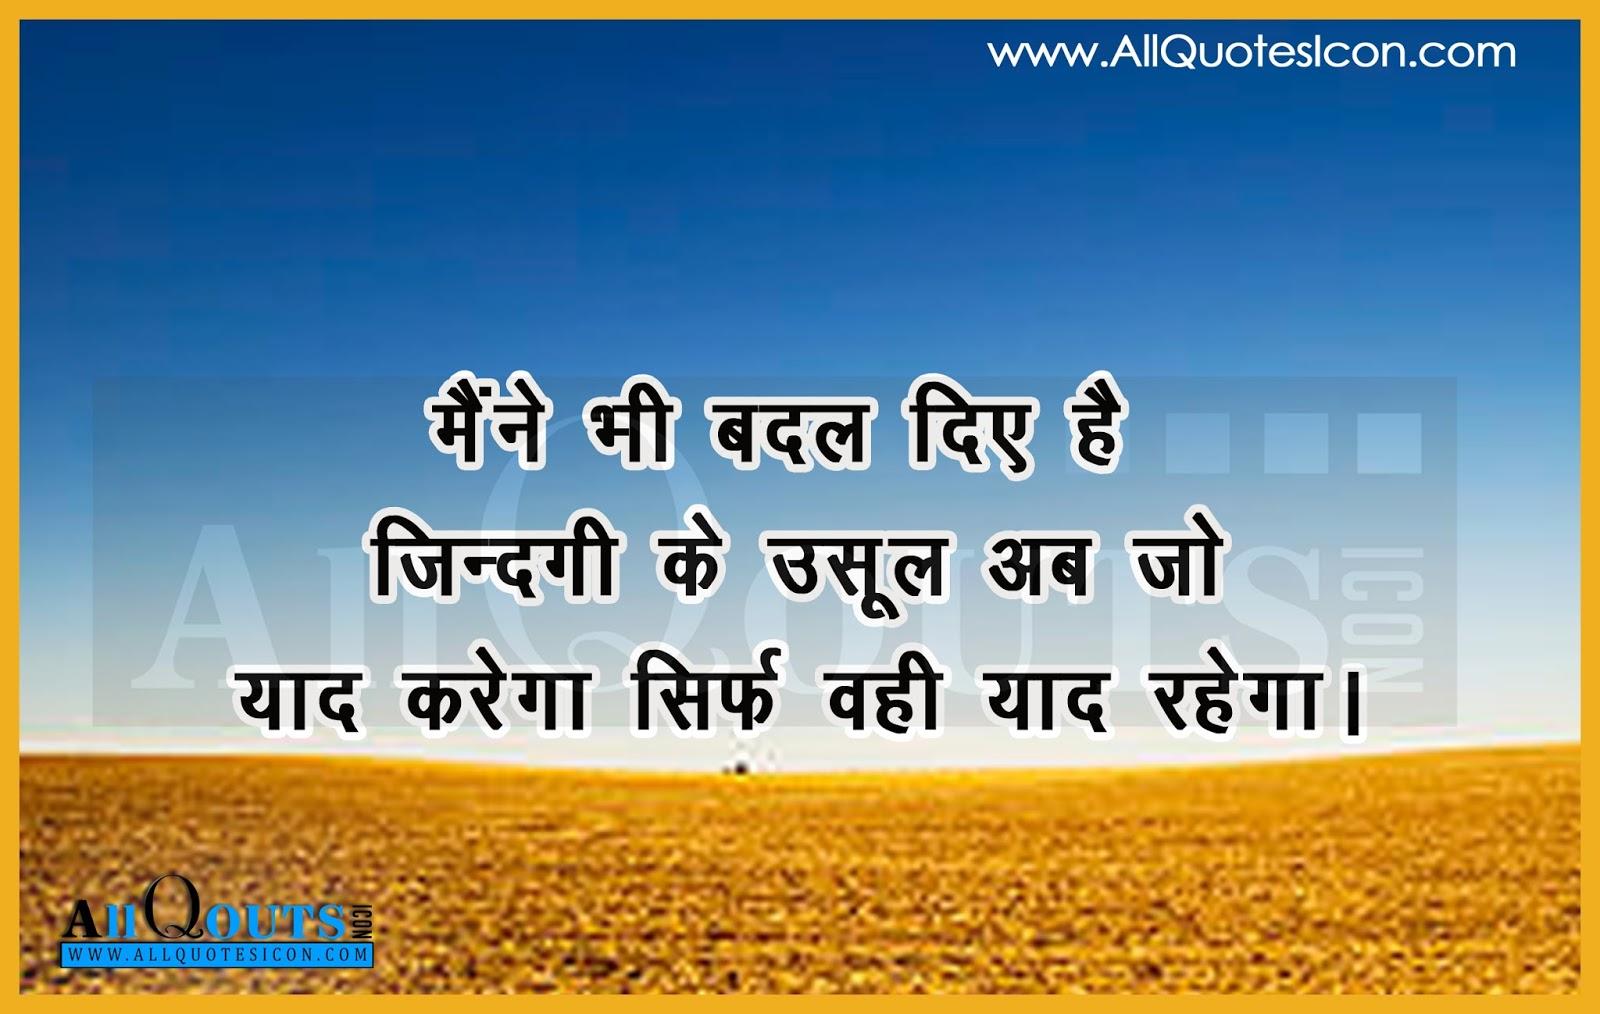 whatsapp funny shayari in hindi hd wallpapers best life inspiration messages life hindi shayari